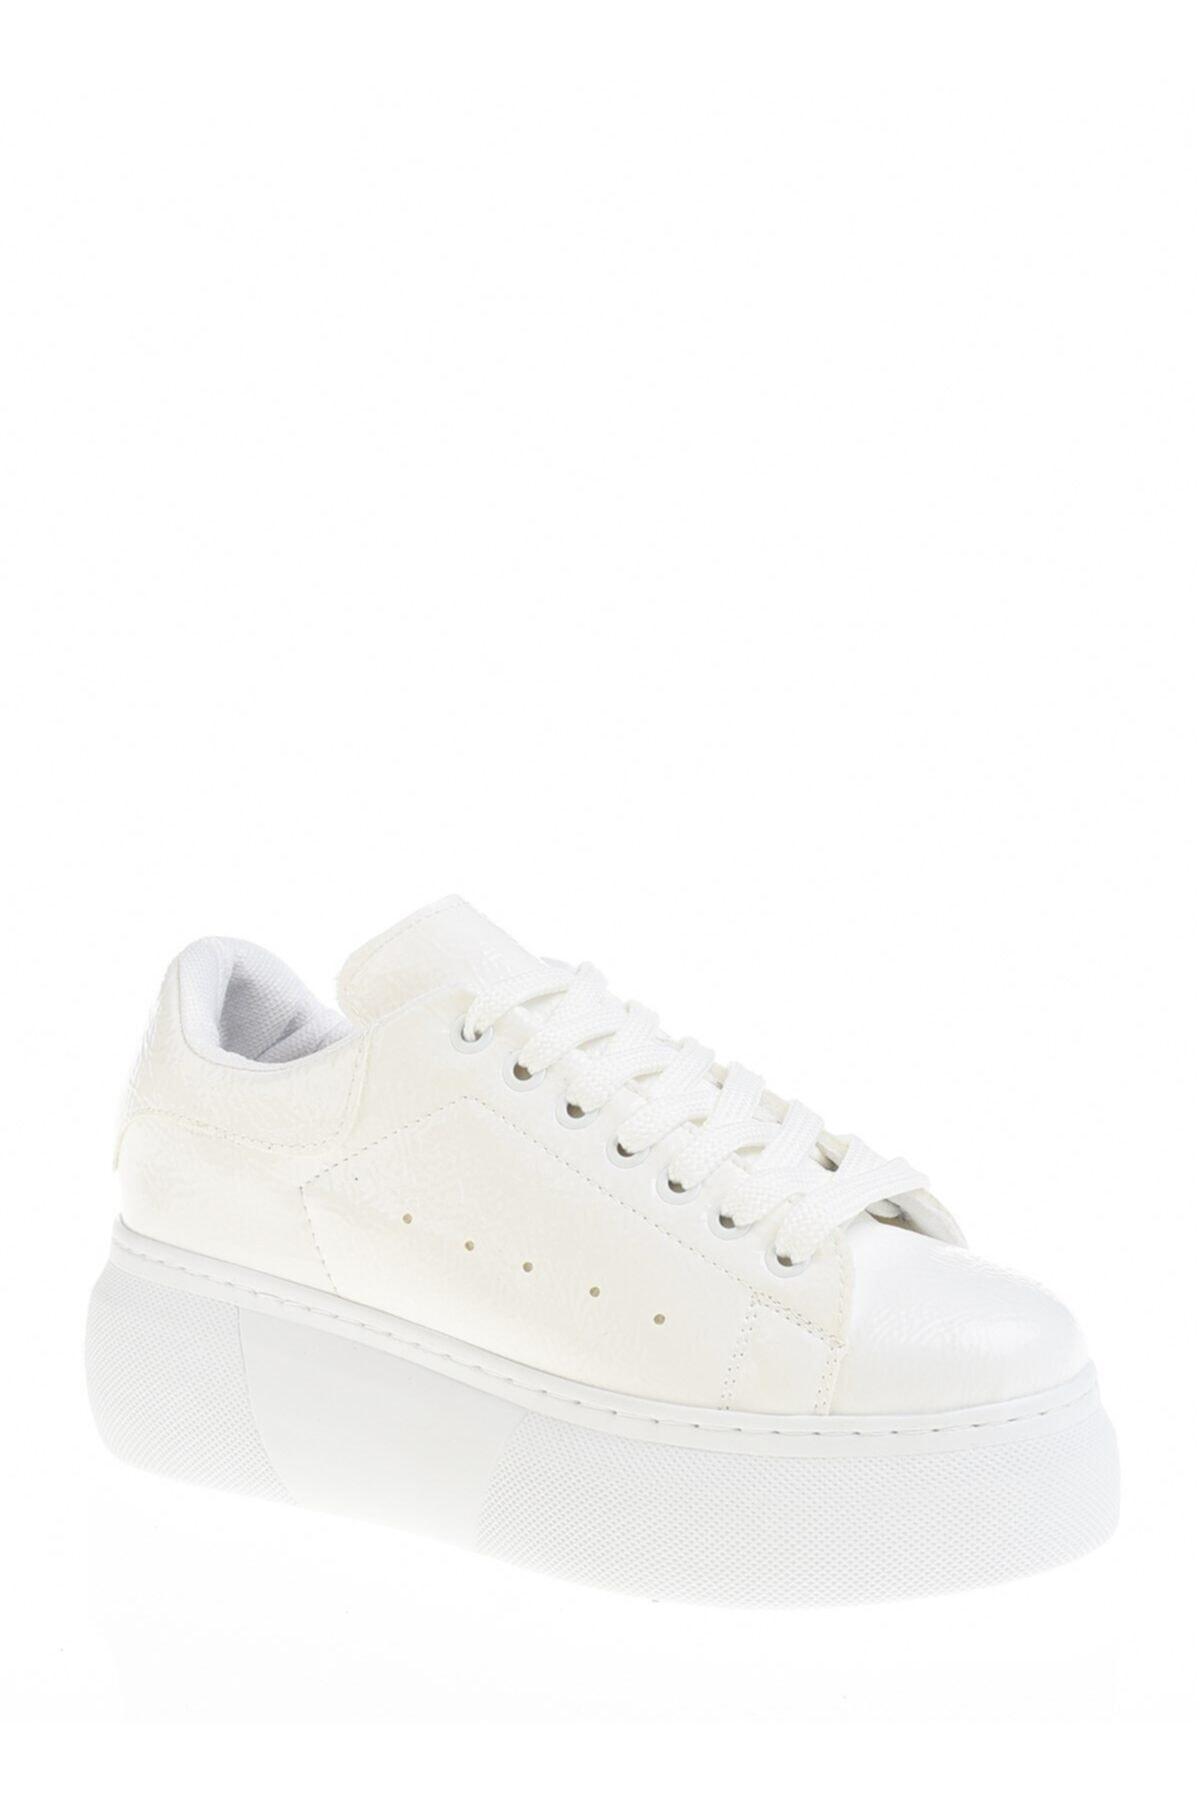 Derigo Beyaz Kadın Günlük Ayakkabı 395011 1